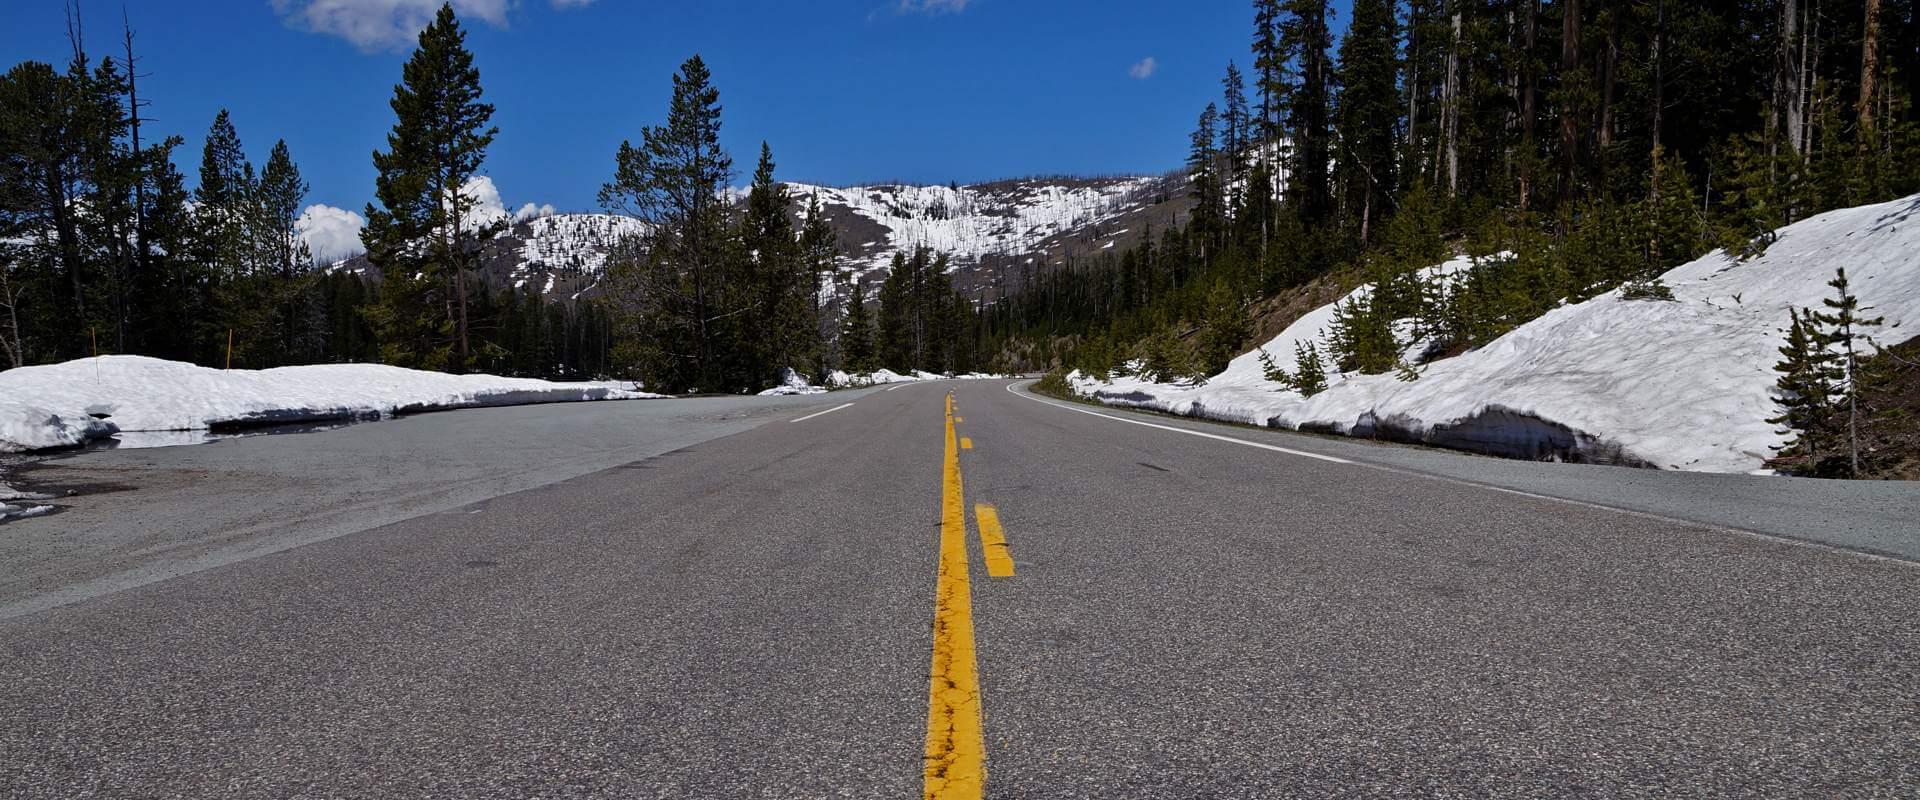 50 Tage Roadtrip durch den Westen der USA – unsere Route, Teil 2